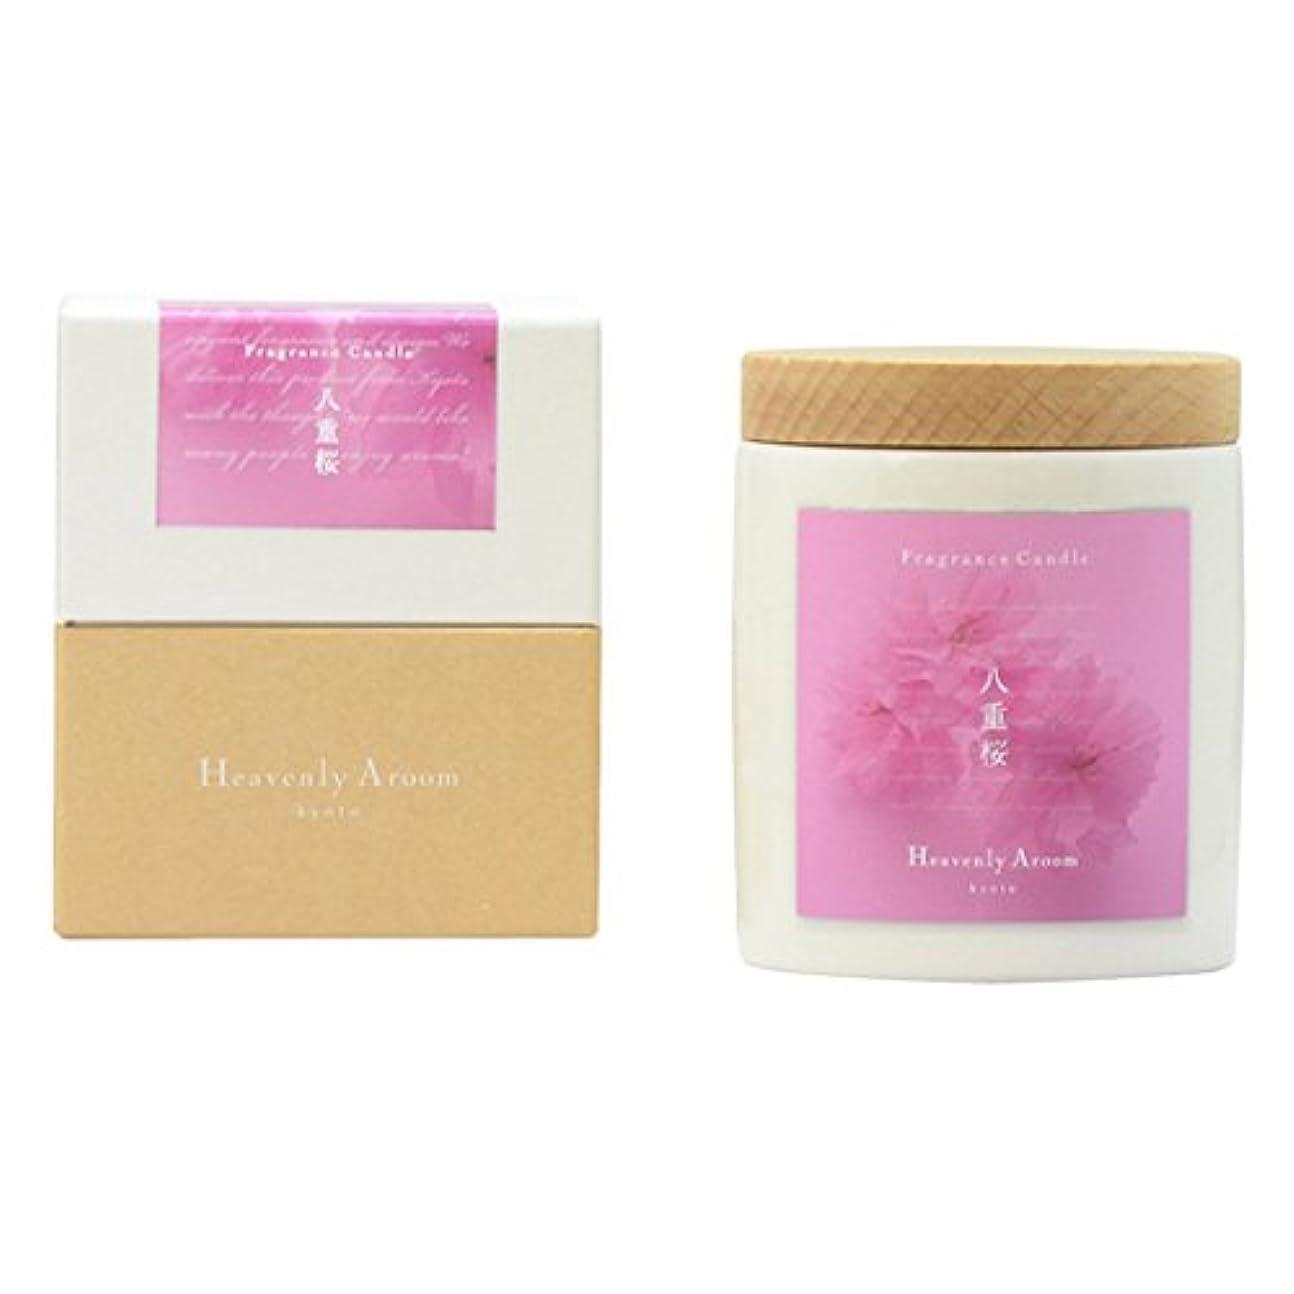 風景いつも現れるHeavenly Aroom フレグランスキャンドルS 八重桜 80g